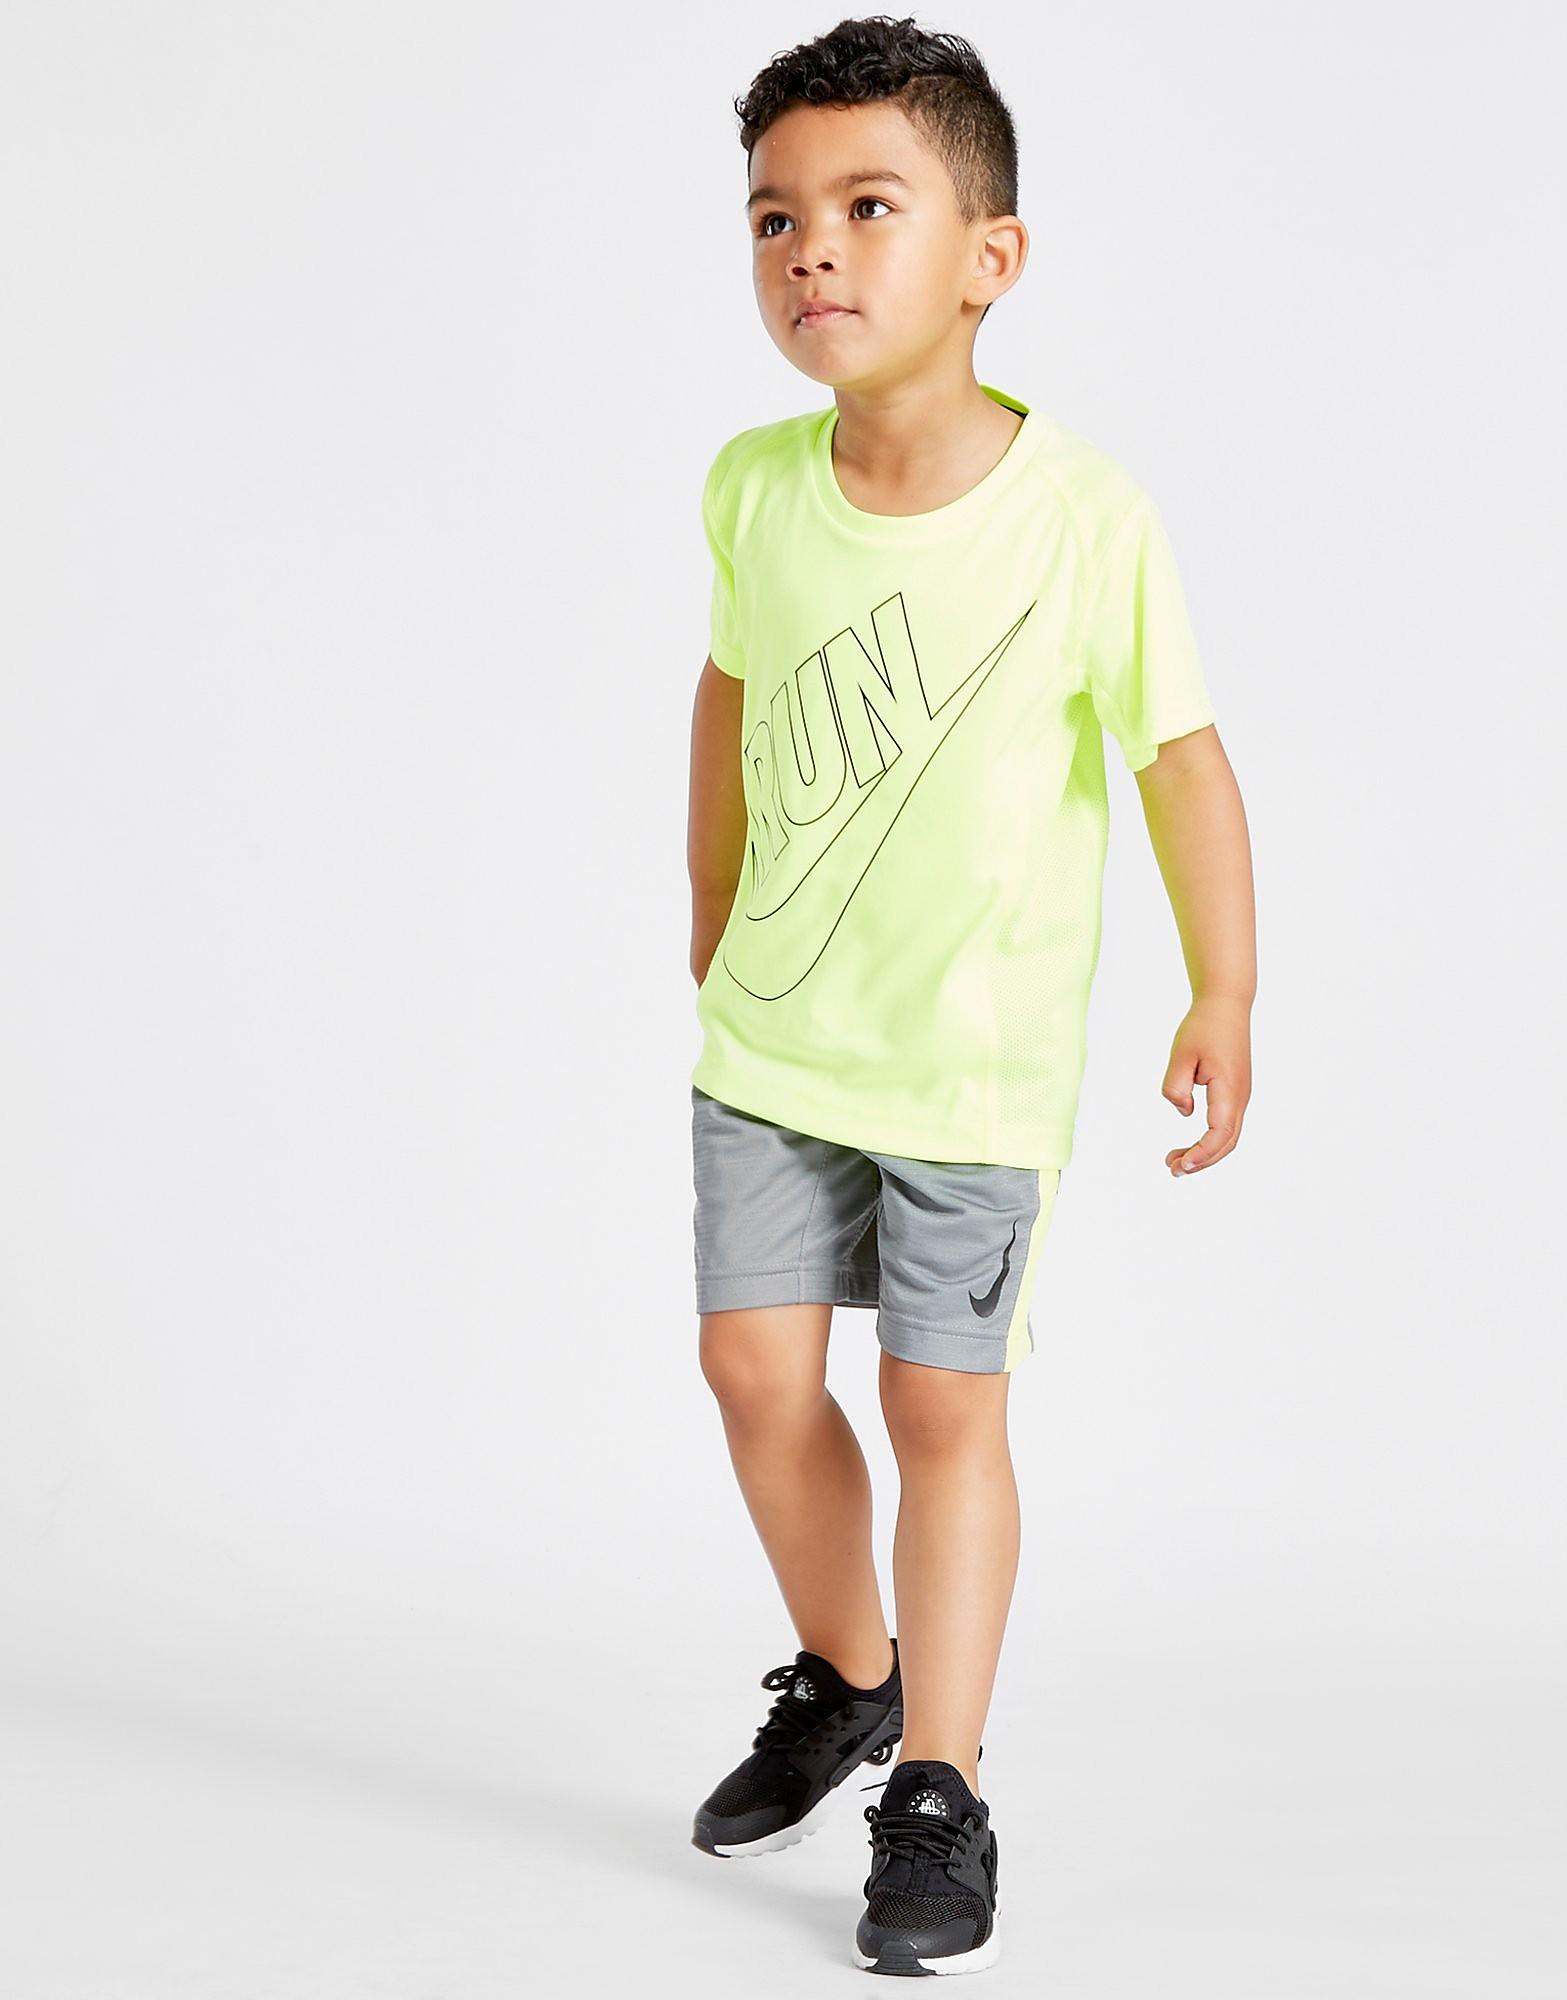 Nike Accelerate Shorts Children